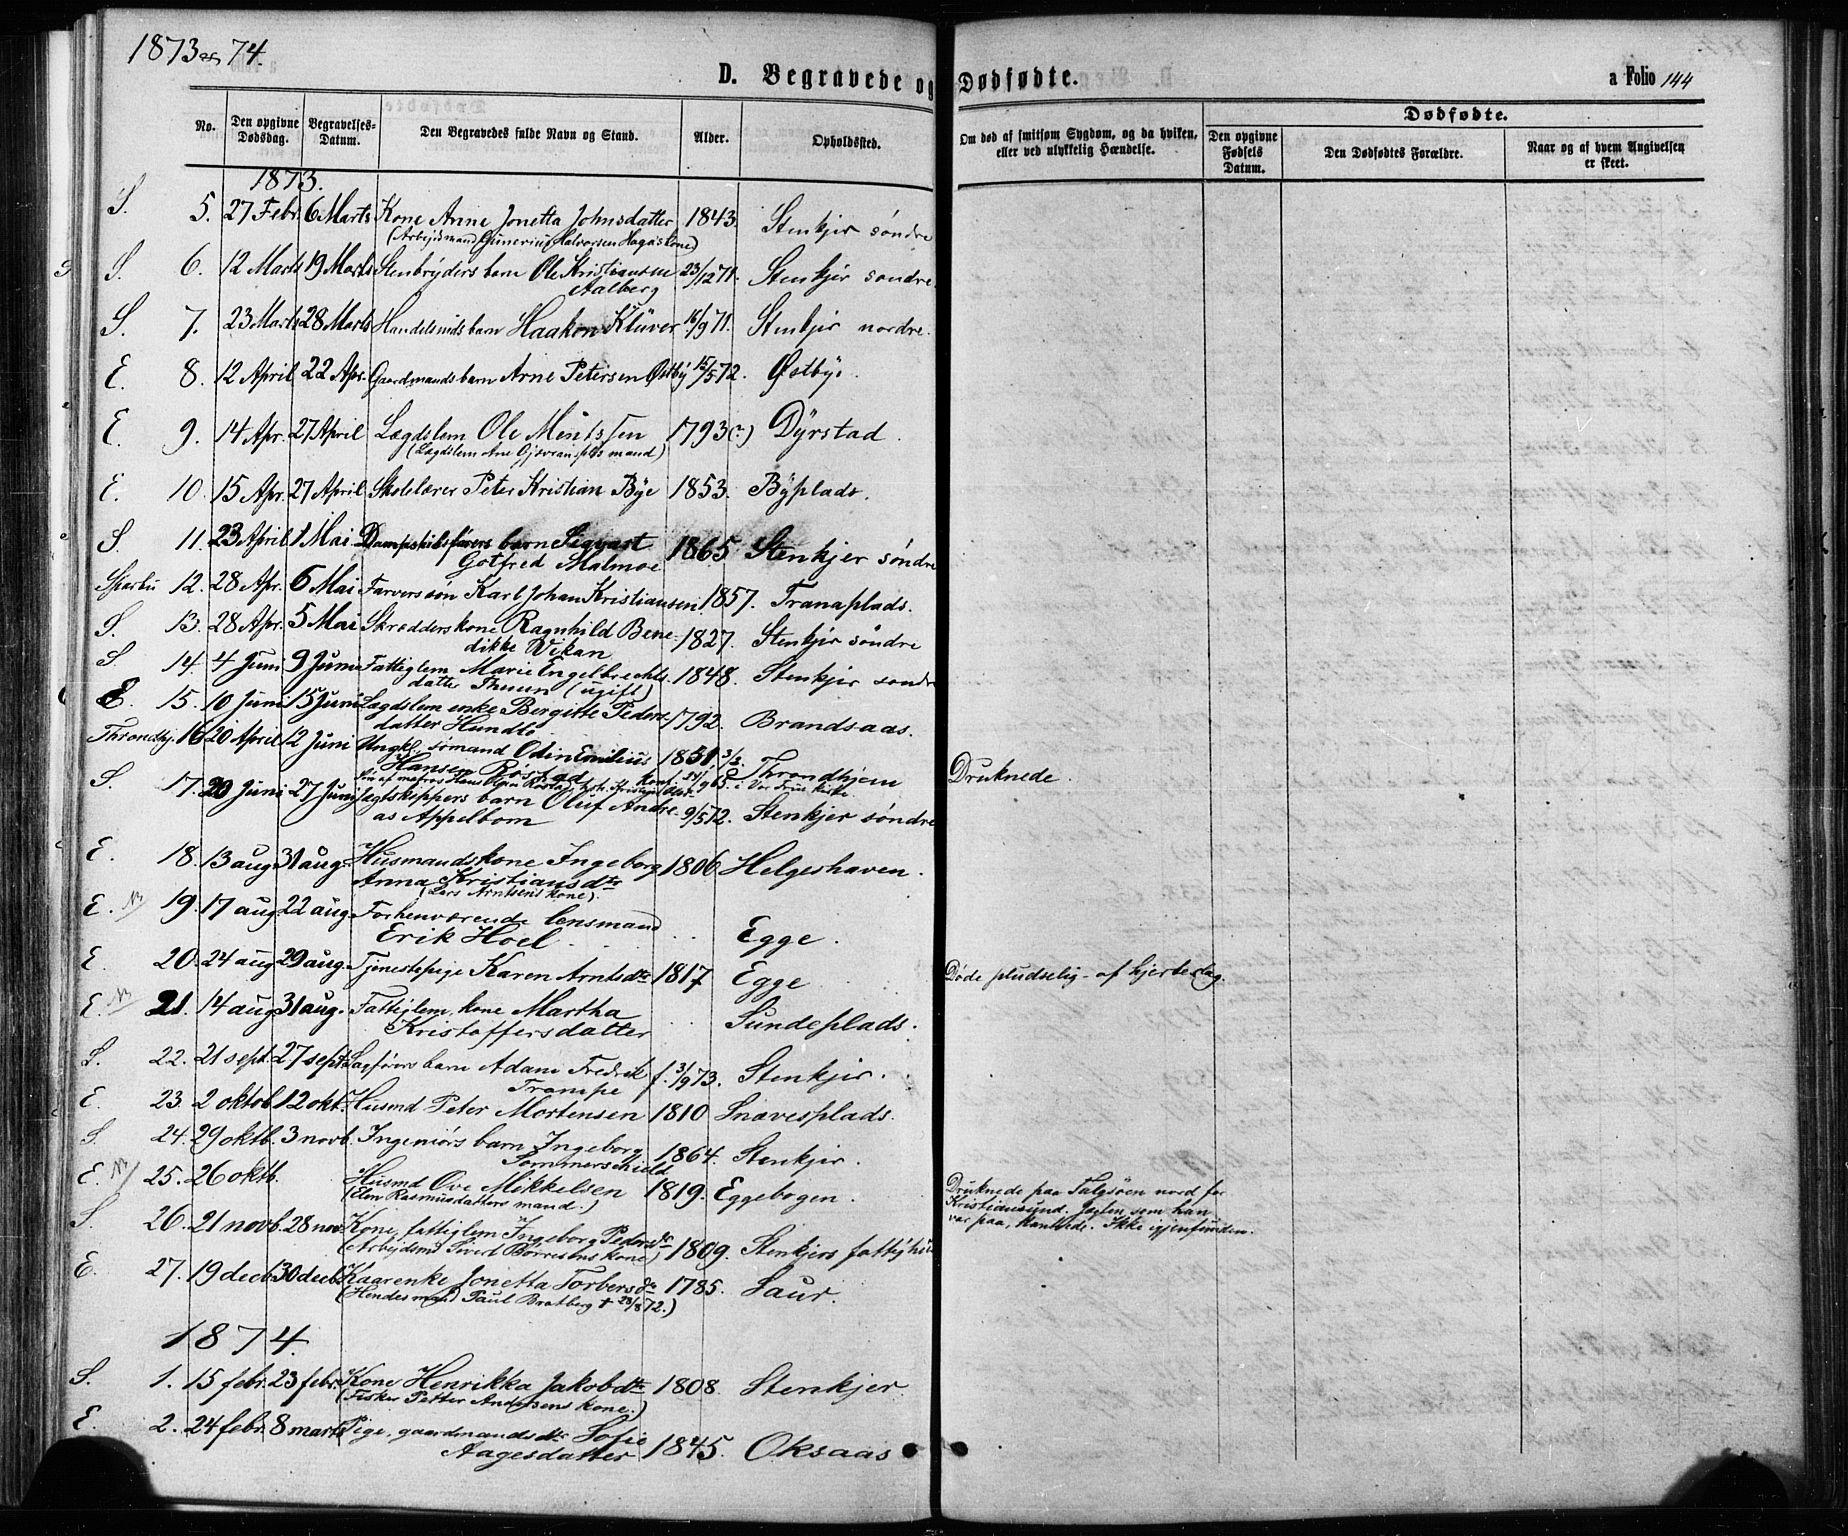 SAT, Ministerialprotokoller, klokkerbøker og fødselsregistre - Nord-Trøndelag, 739/L0370: Ministerialbok nr. 739A02, 1868-1881, s. 144